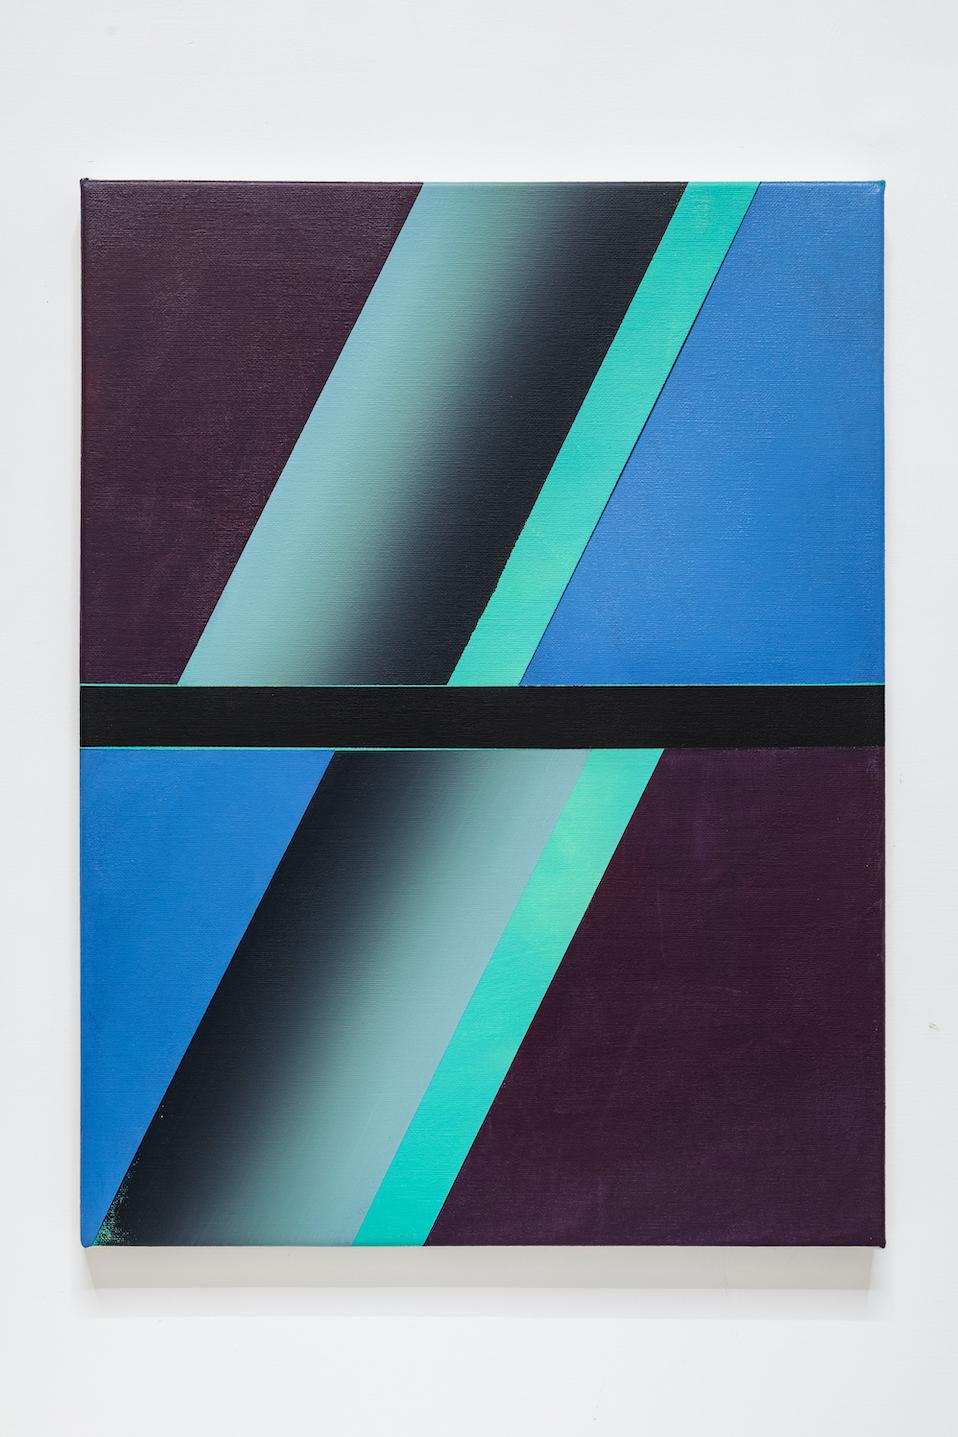 Stanislao Di Giugno, Fuga n. 5, 2020 21, acrylic on canvas, cm 40x30. Courtesy l'artista & Galleria Tiziana Di Caro. Photo Danilo Donzelli